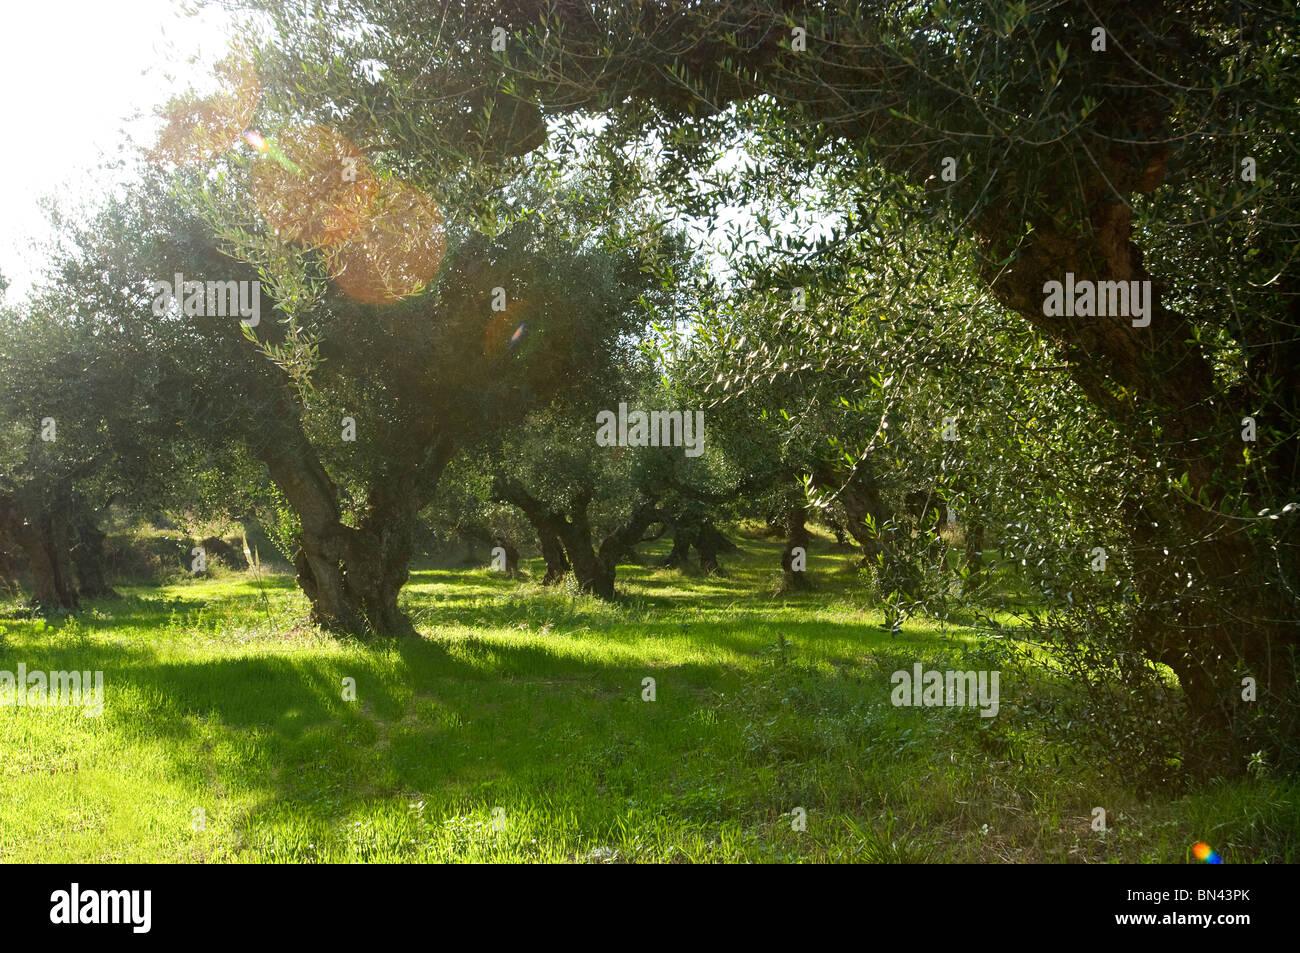 Oliviers dans oliveraie, Zante, îles Ioniennes, Grèce Photo Stock